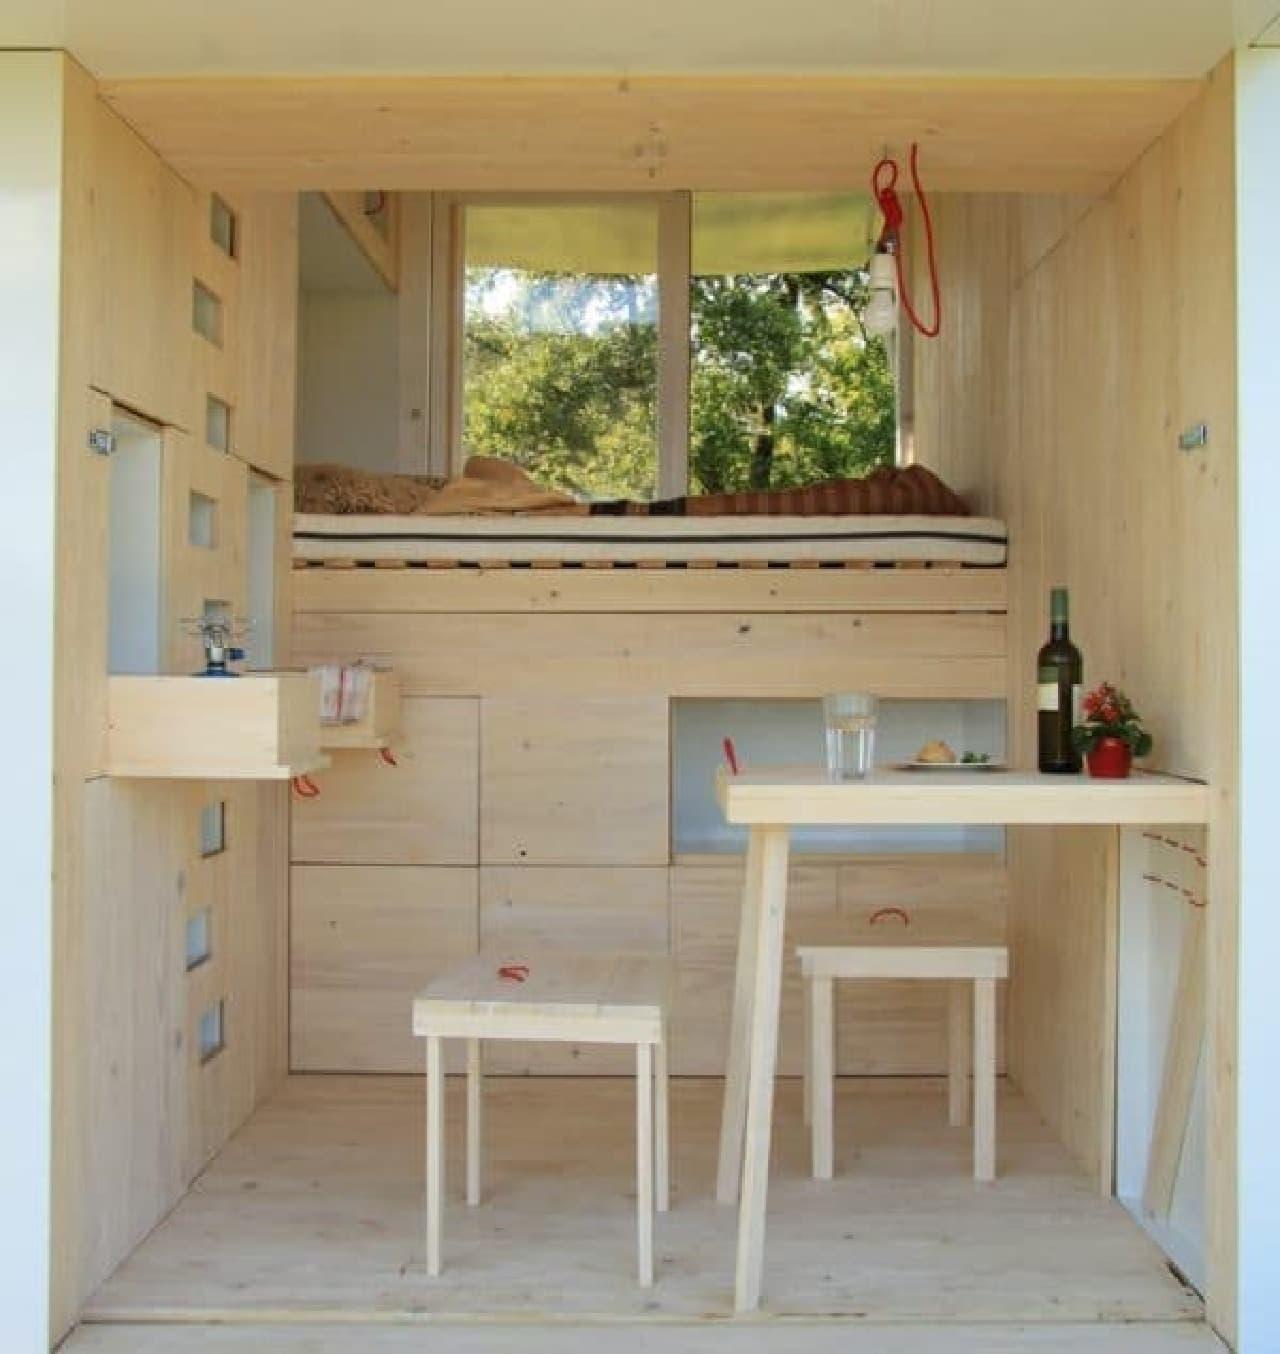 1階は生活空間  2名分の椅子とテーブル、ベッドがあります